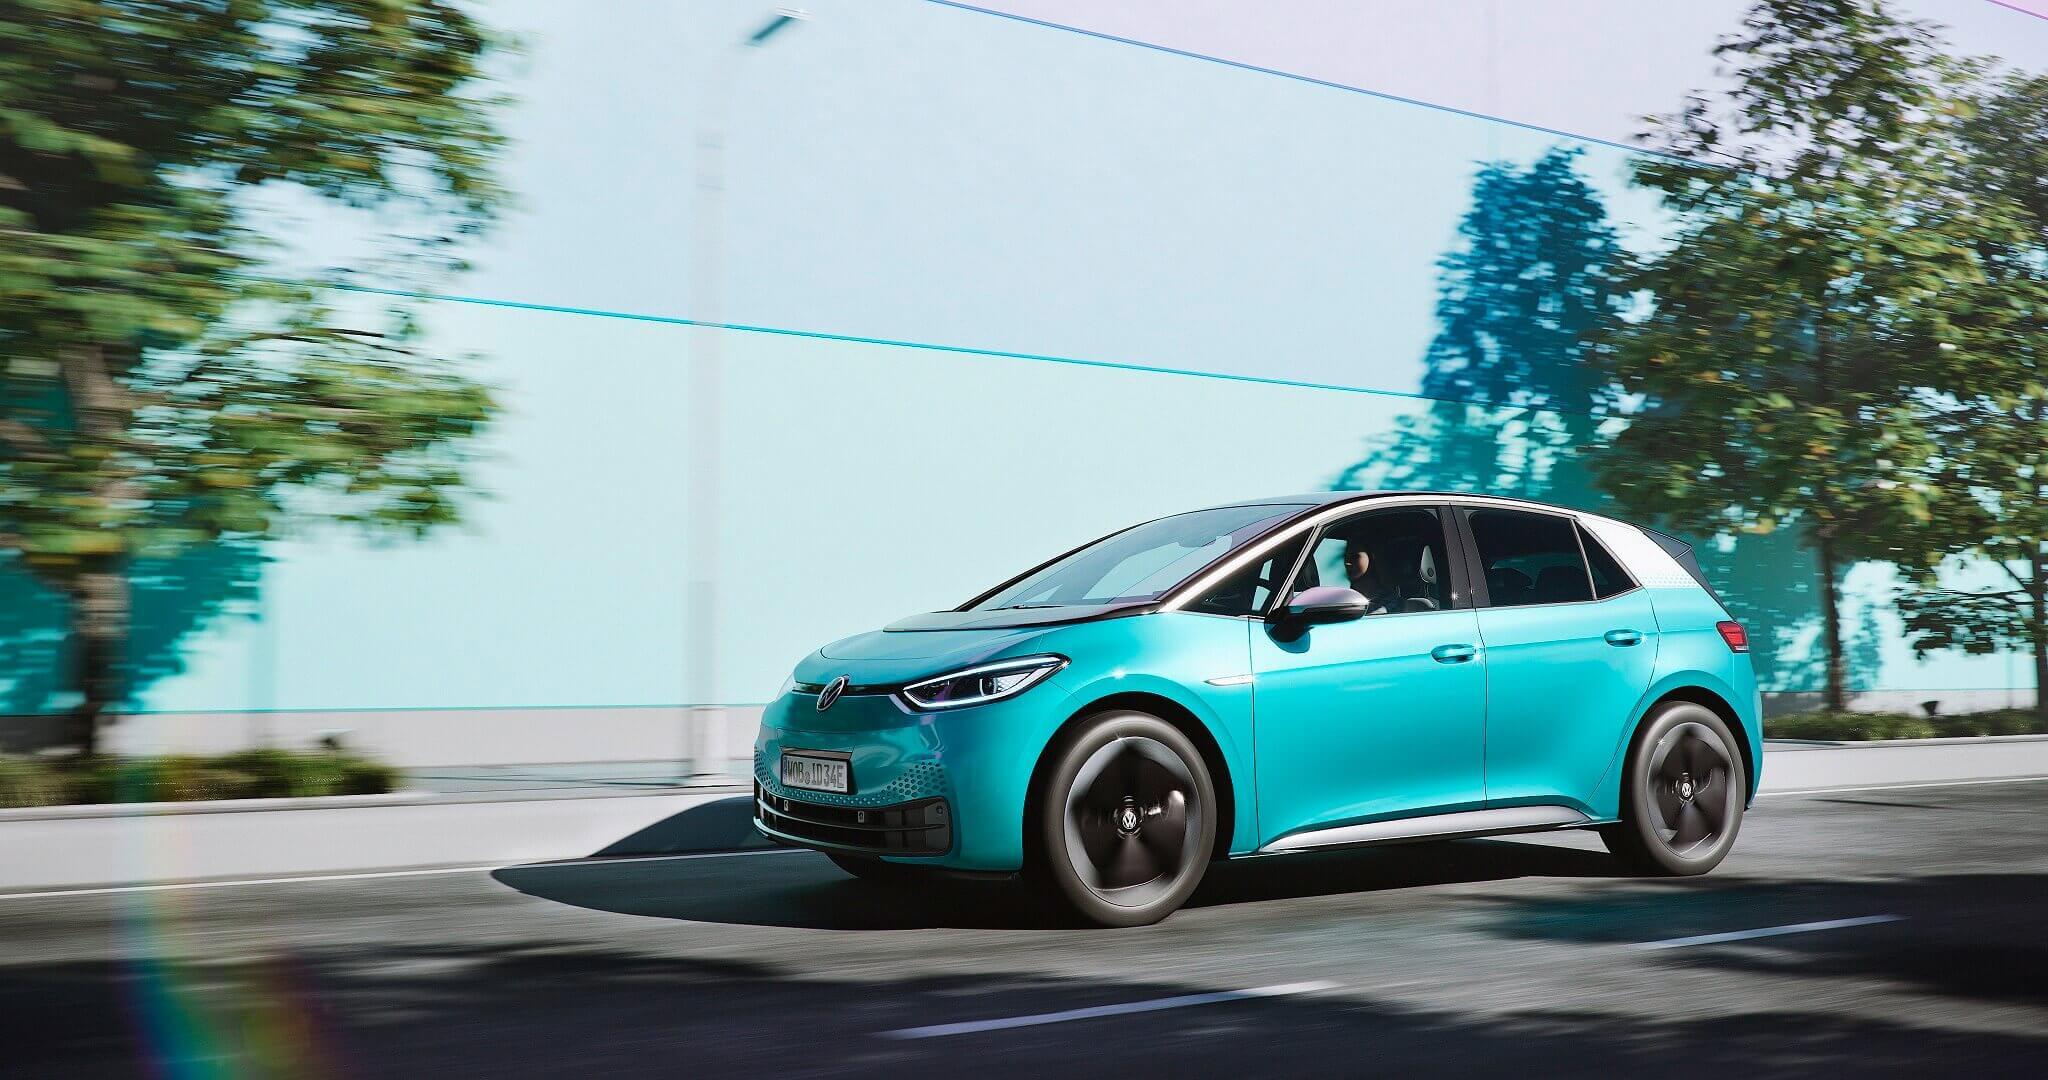 Ηλεκτροκίνηση Volkswagen. Το ID.3 - Πρωτοπόρος μιας νέας εποχής